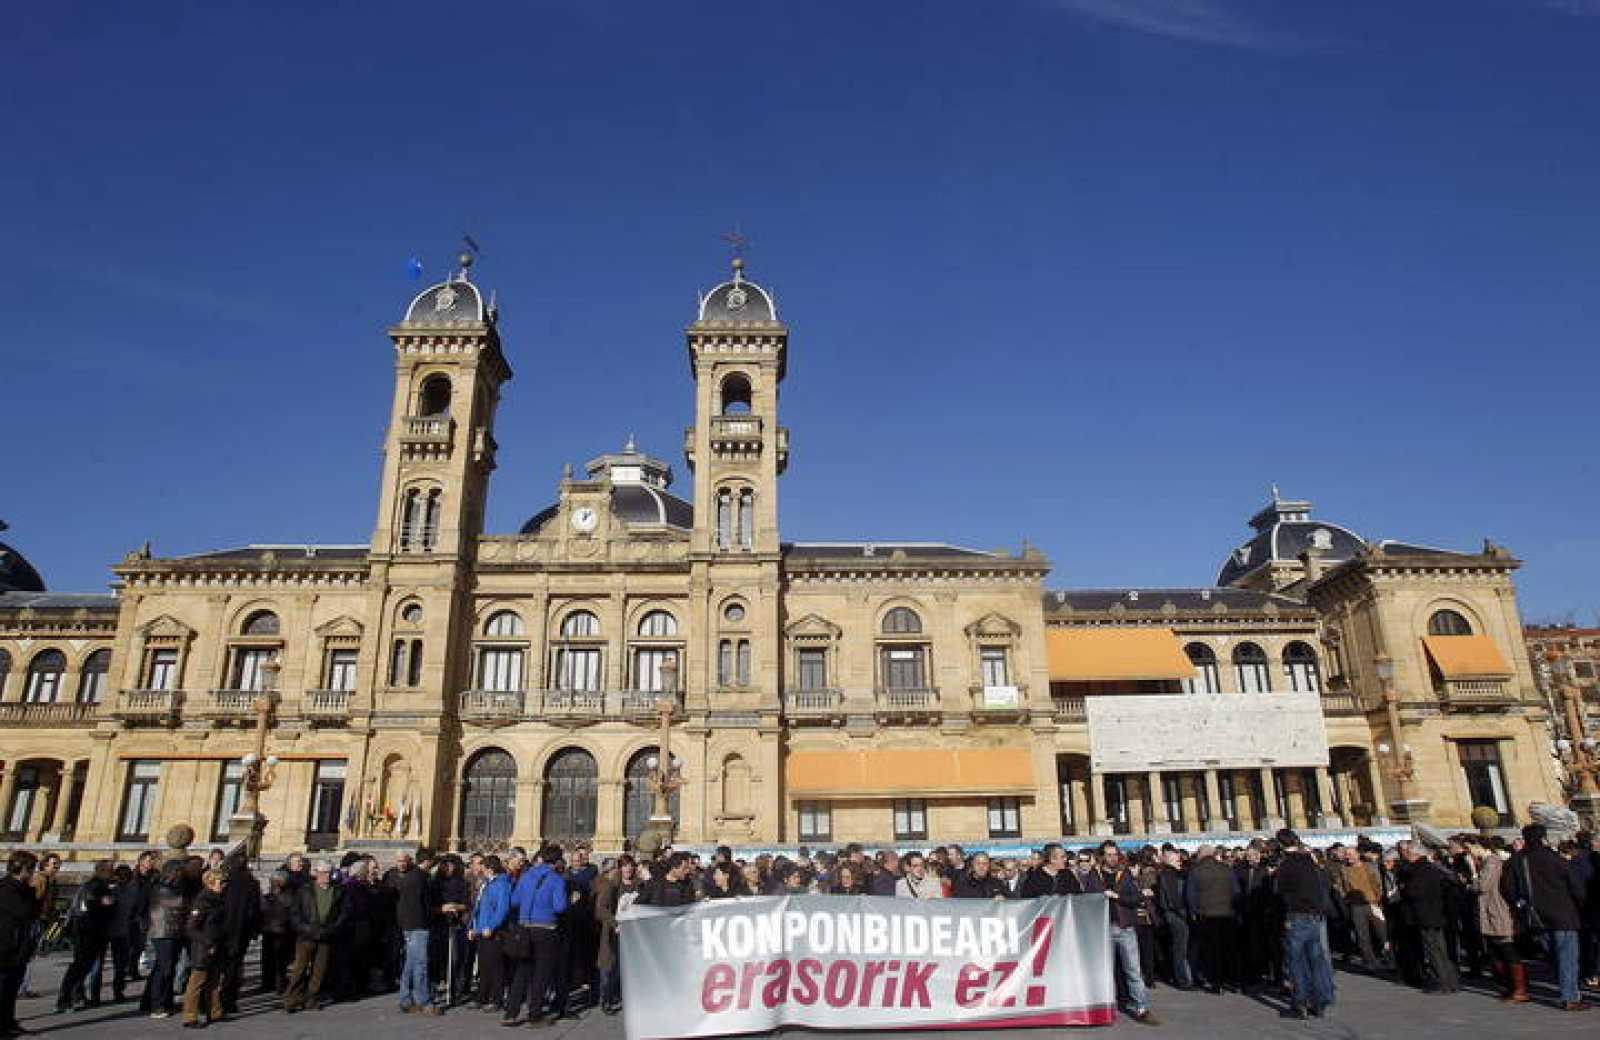 Los principales representantes institucionales de Gipuzkoa protestan contra la operación policial contra el grupo de enlace con los presos de ETA.